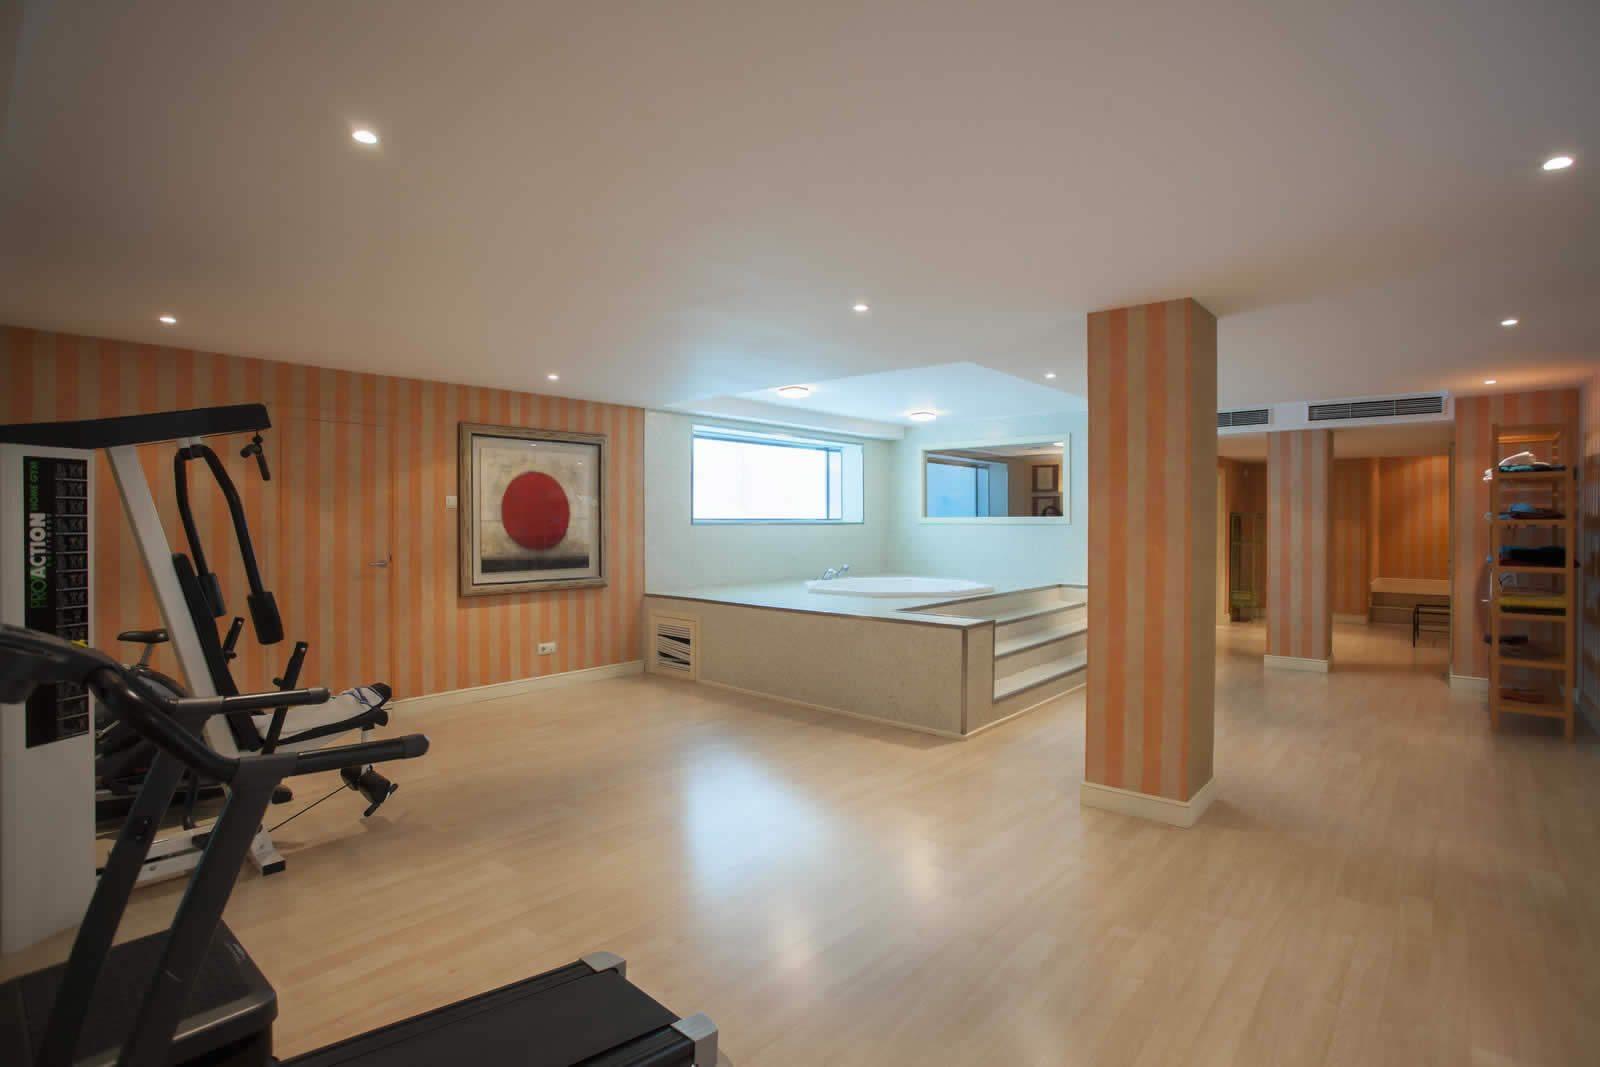 demeure-10-chambres-3-etages-grand-jardin-jacuzzi-gym-a-vendre